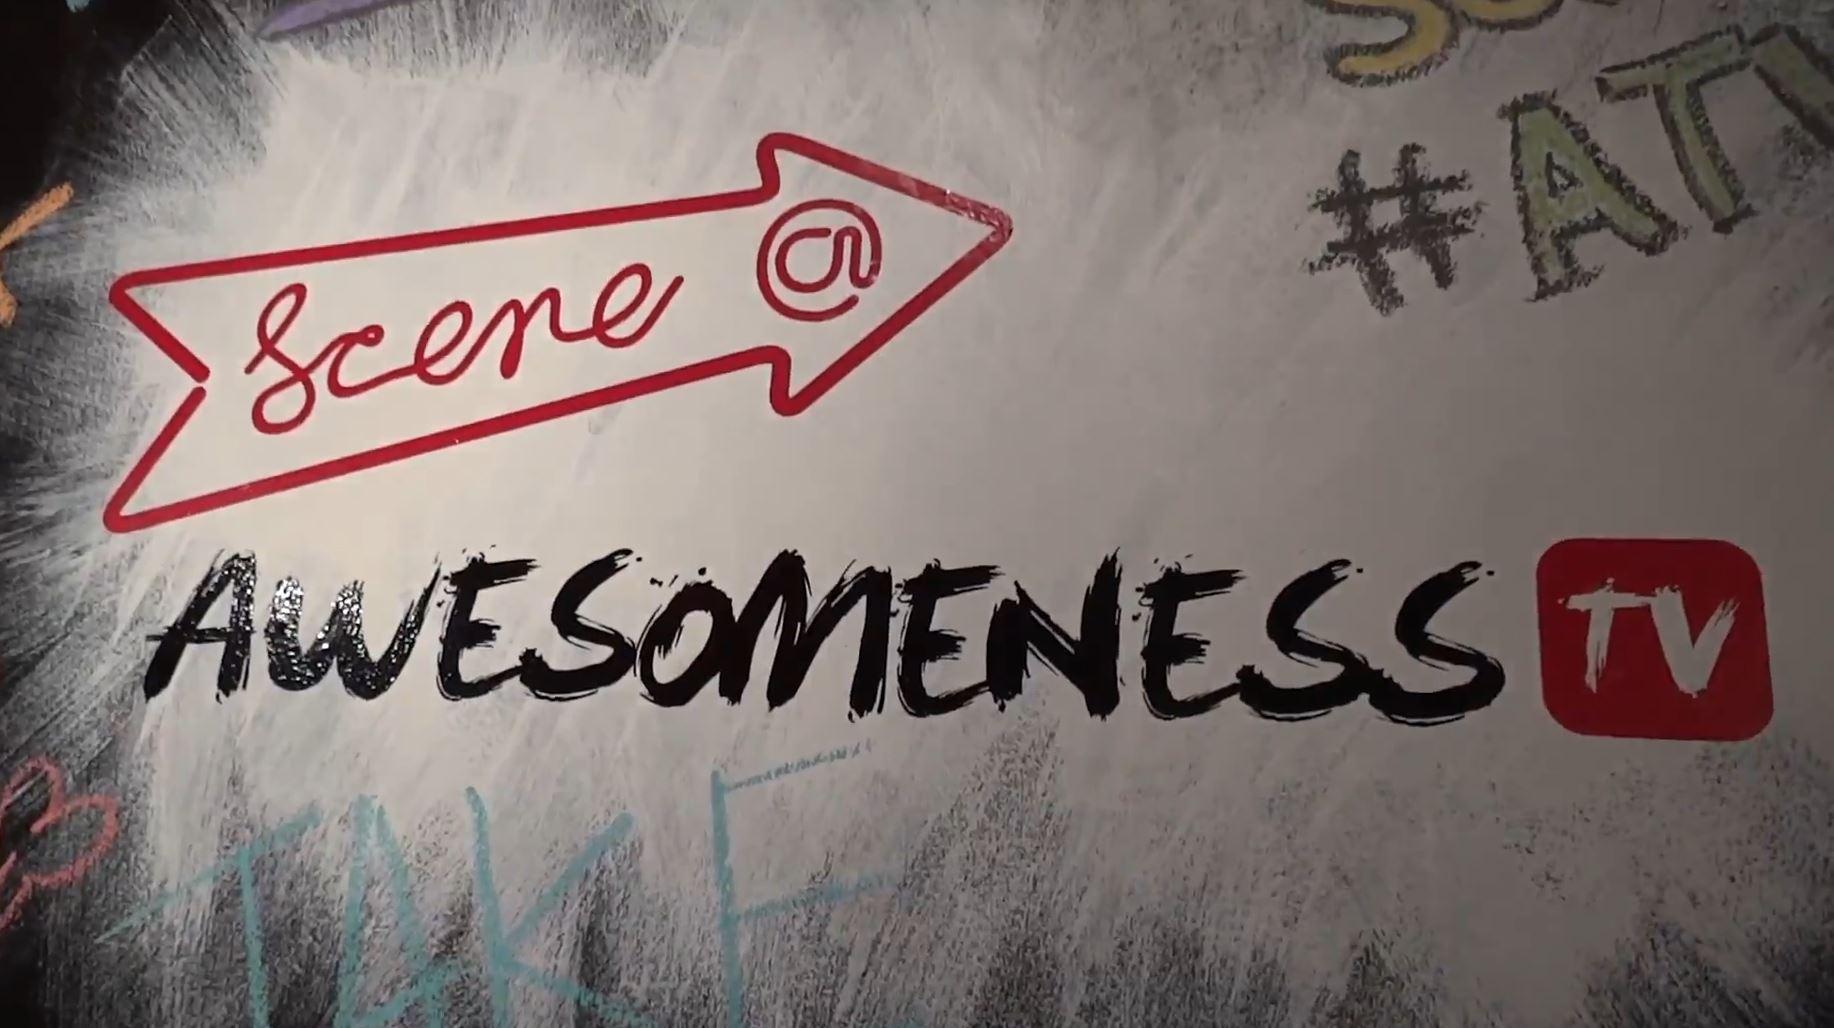 Scene@Awesomeness Chalkboard